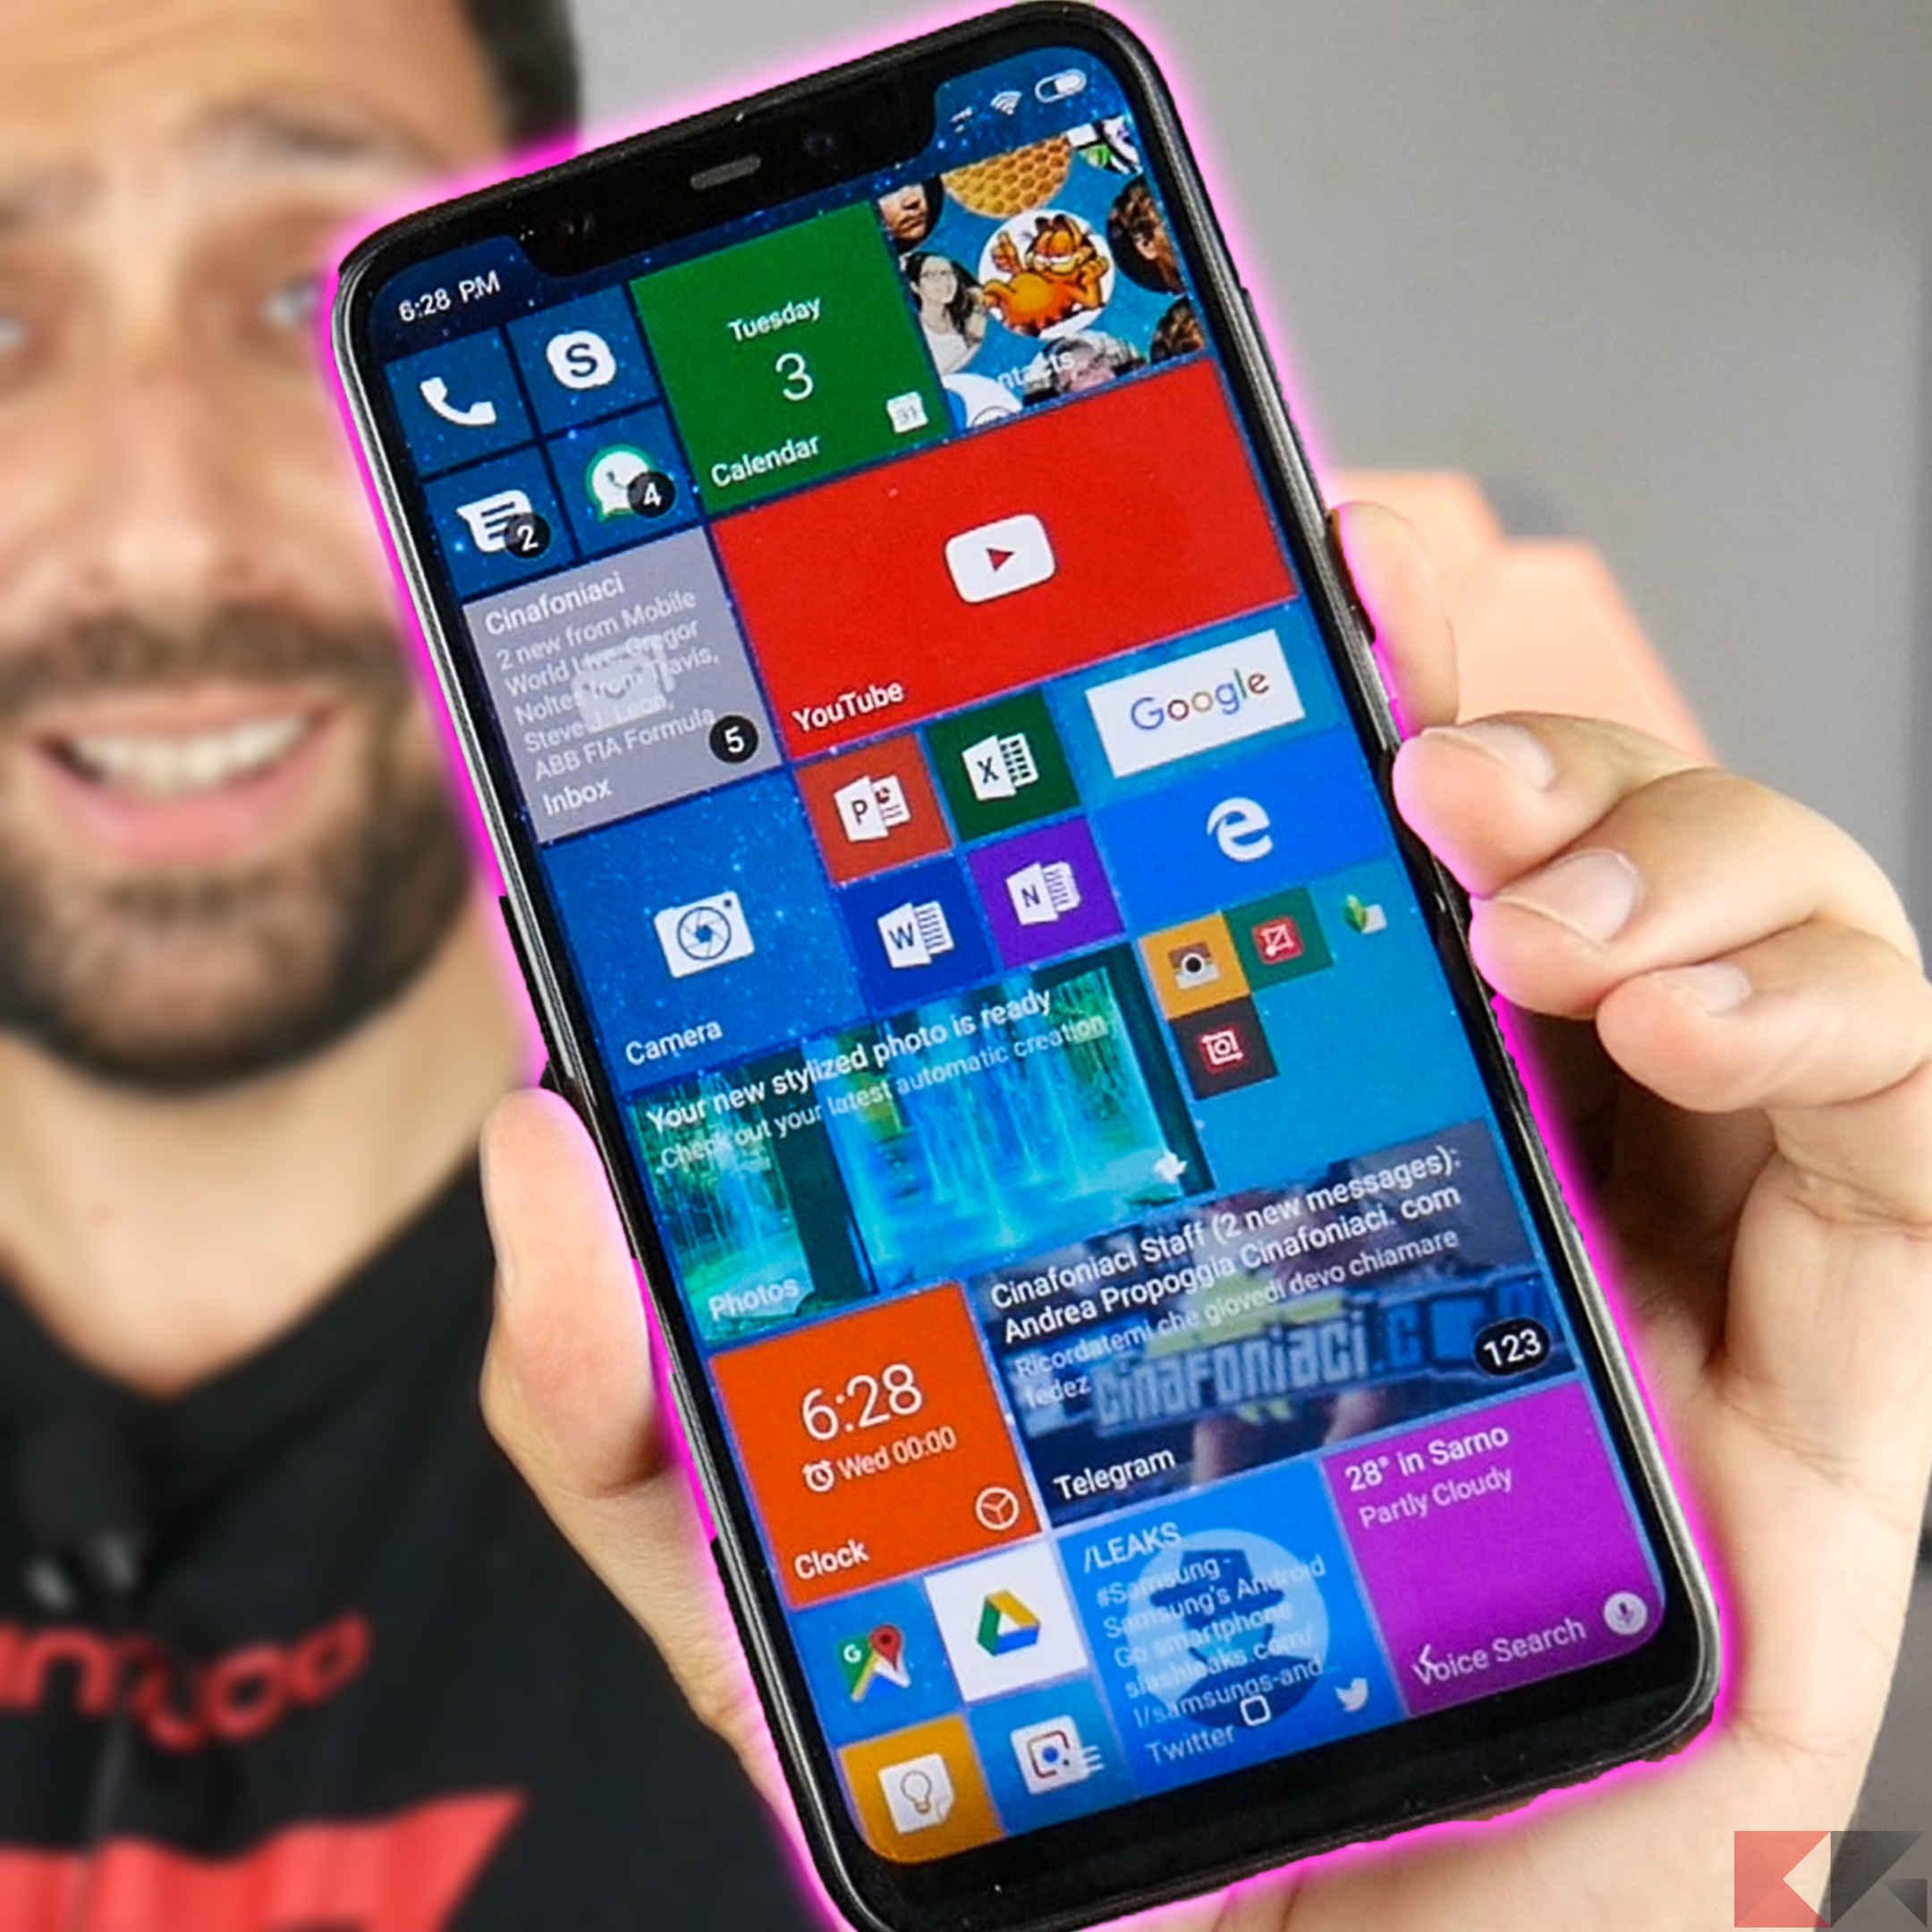 Personalizzazione Android Windows phone su android